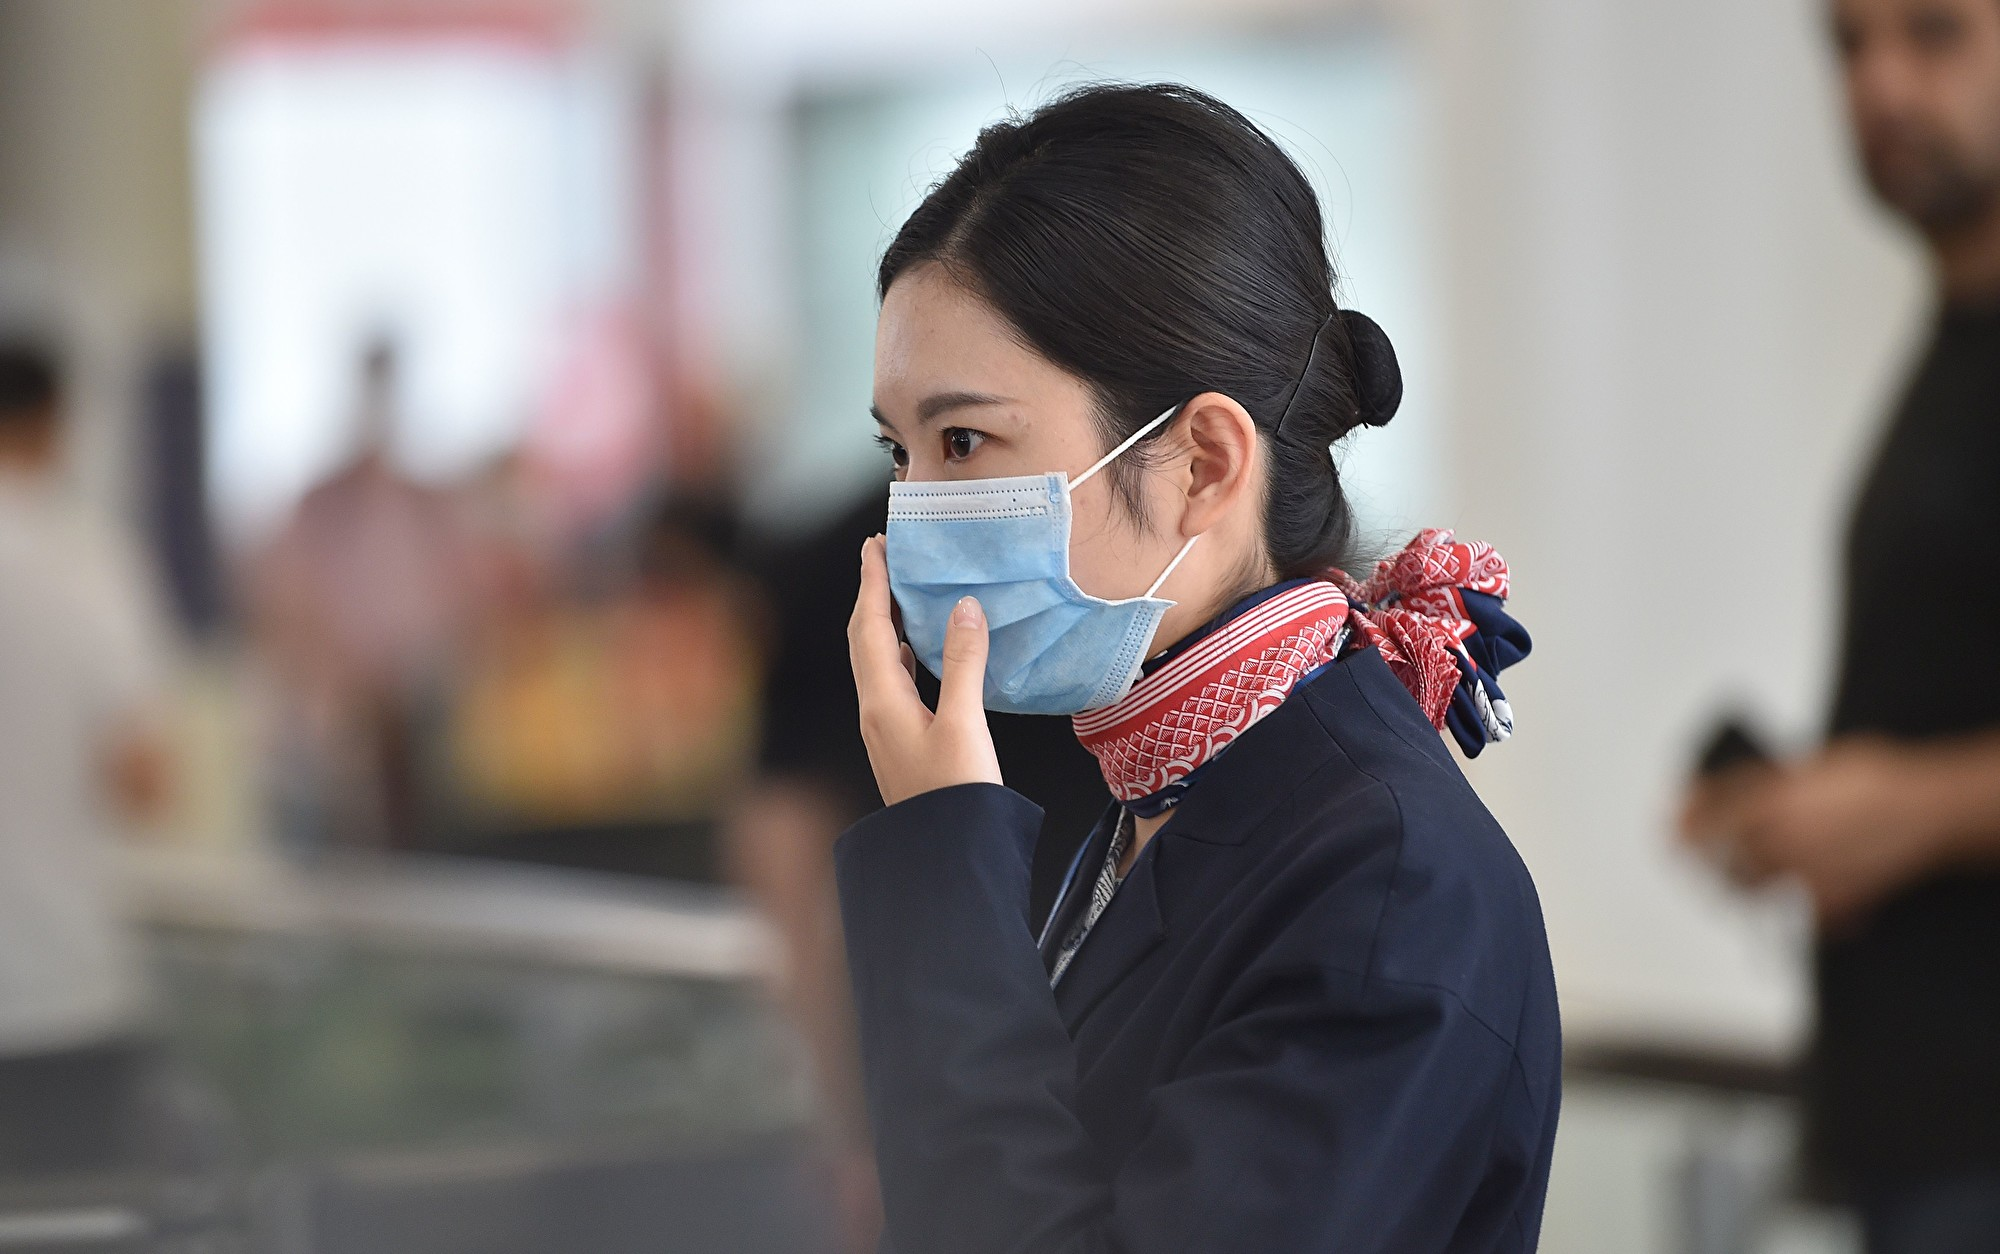 疫情期間退機票的數量巨大,甚至一家旅遊平台就收到數百萬退票申請。(PETER PARKS/AFP)